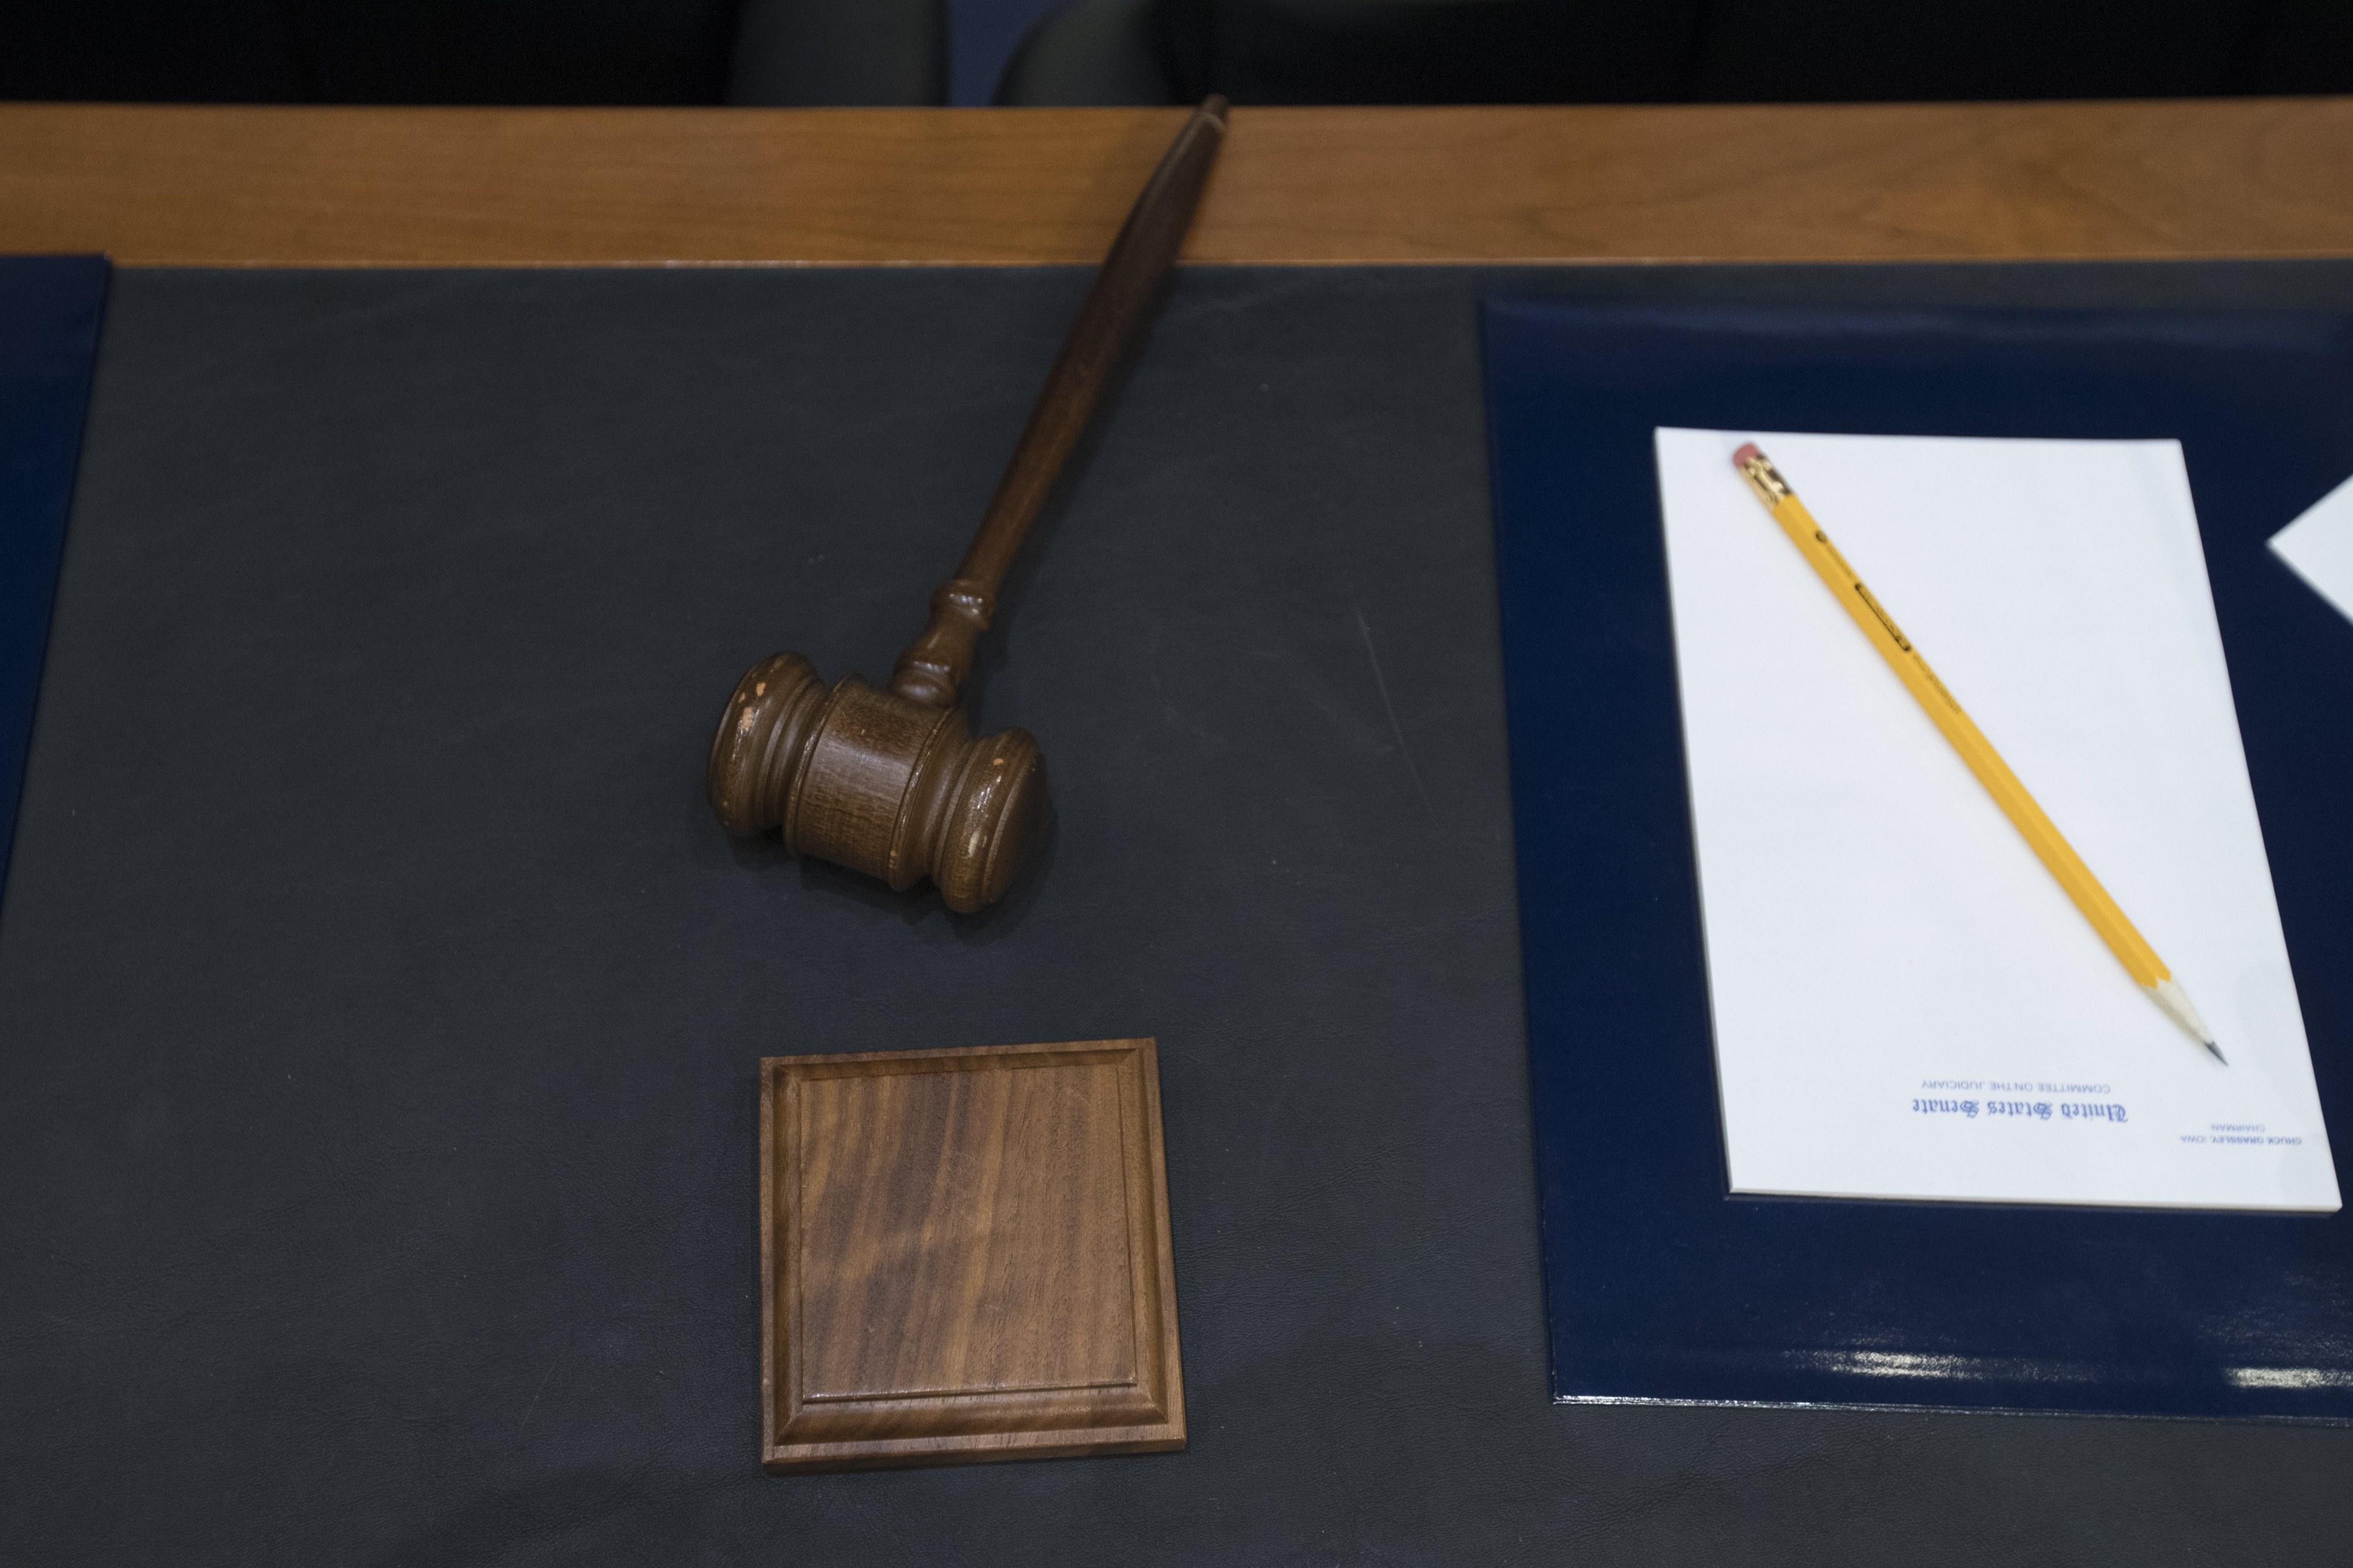 Ministério da Justiça vai preparar legislação para autonomia financeira dos tribunais angolanos